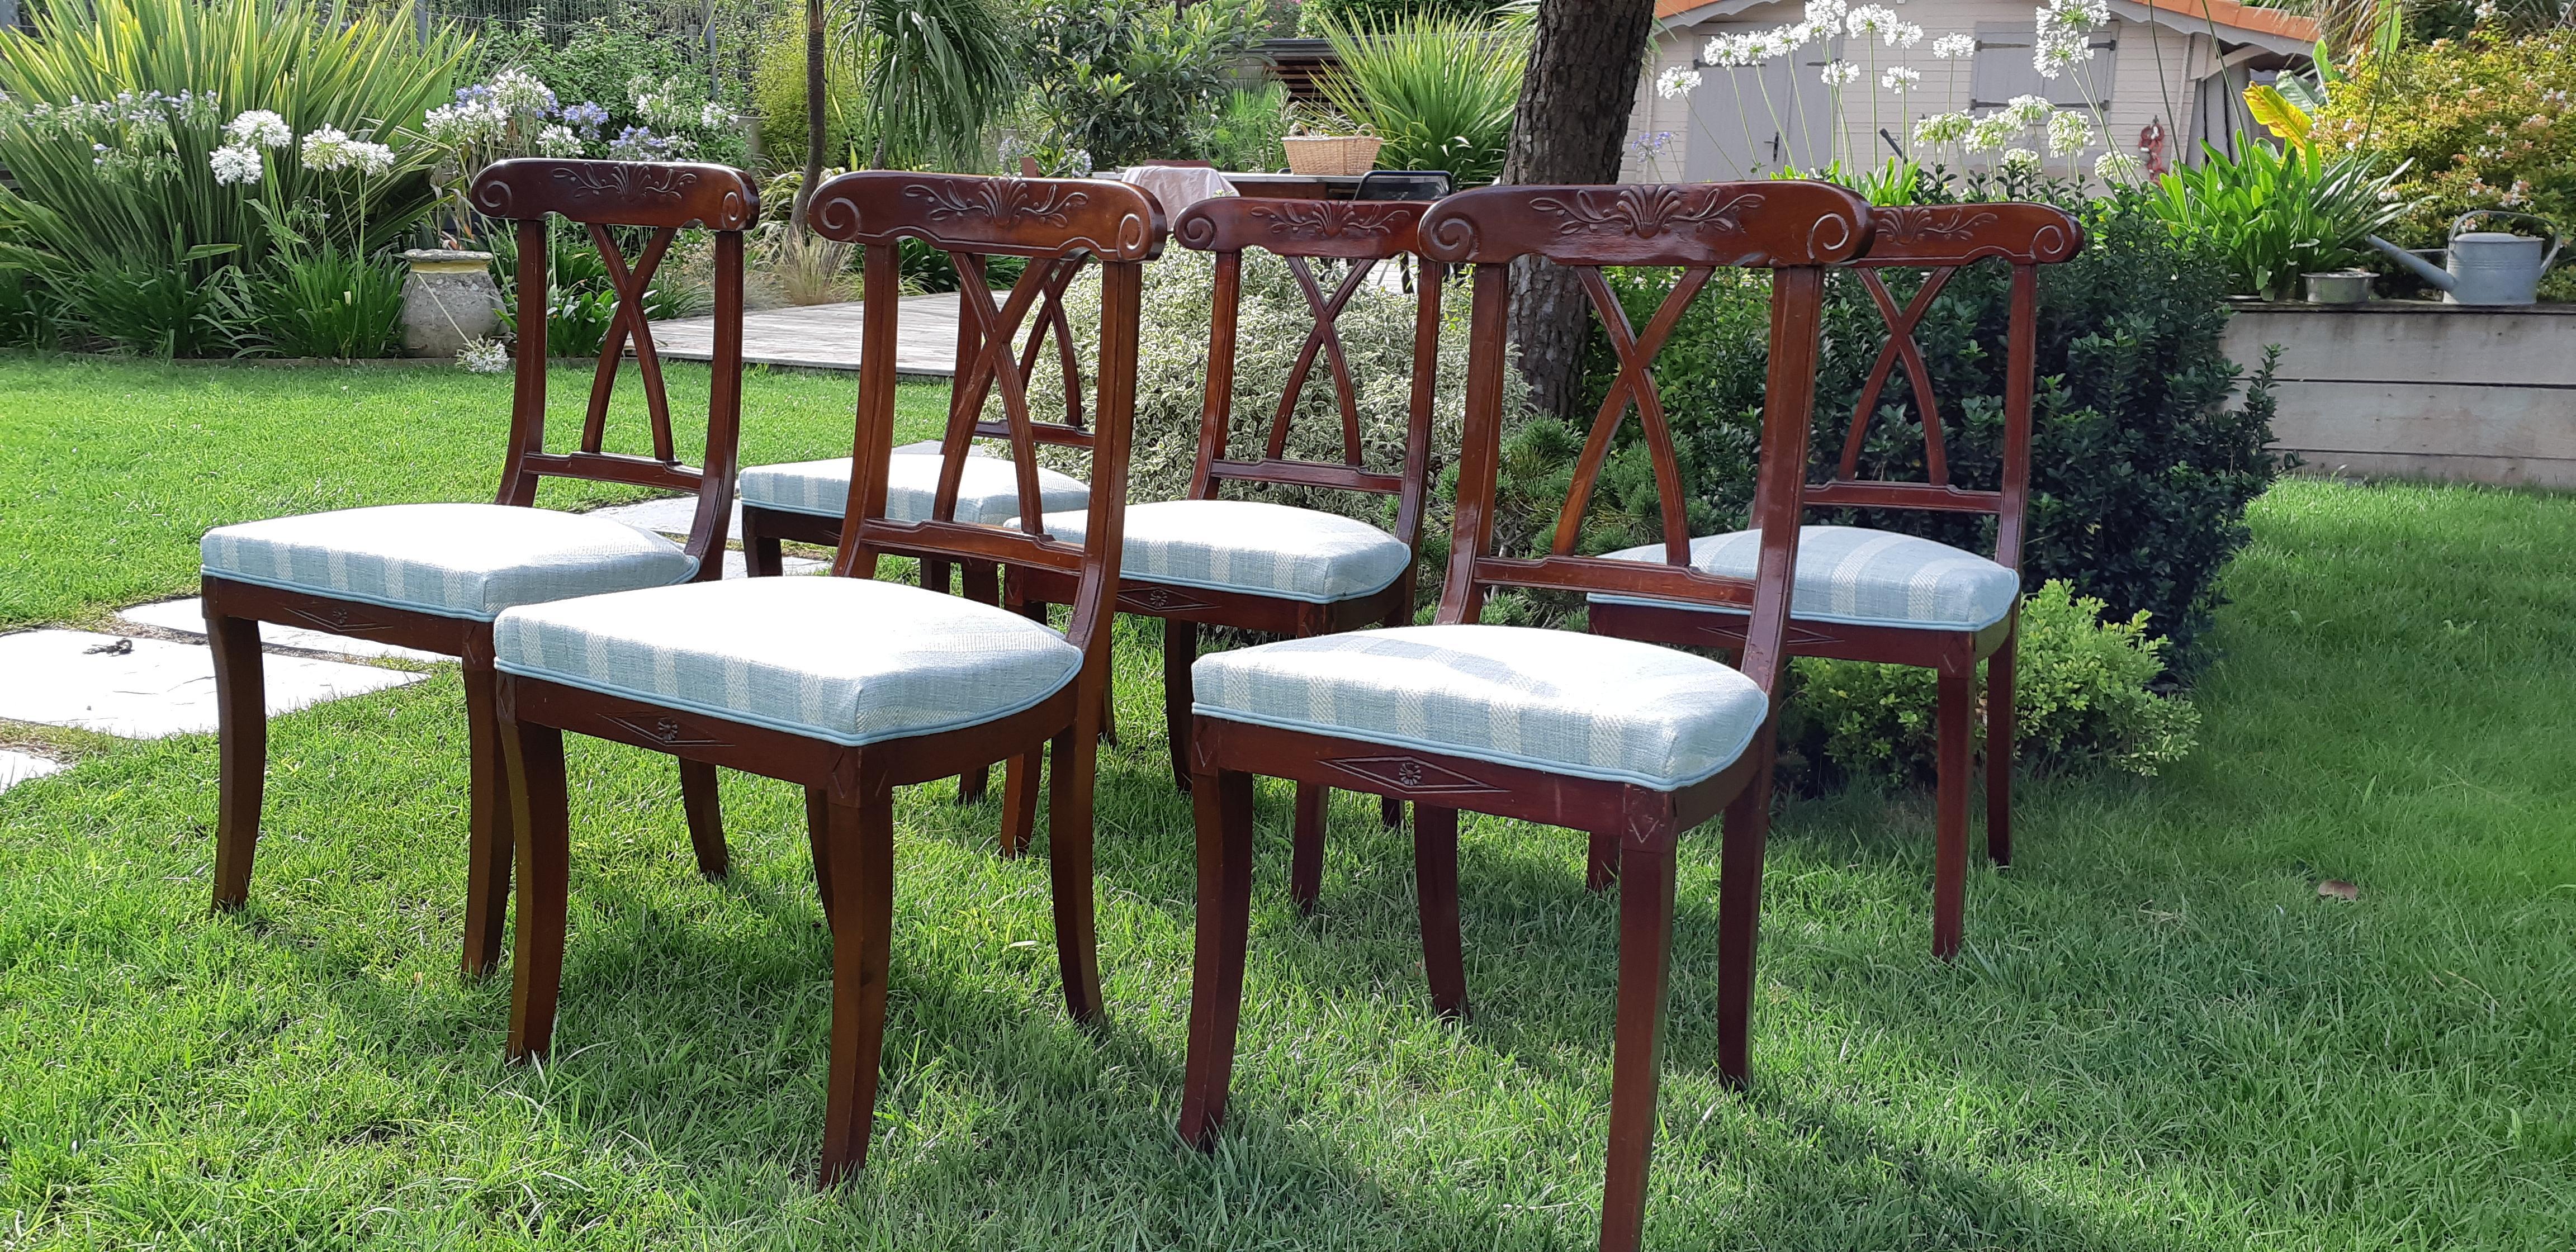 Villenave d'ornon – Rénovation chaises de style